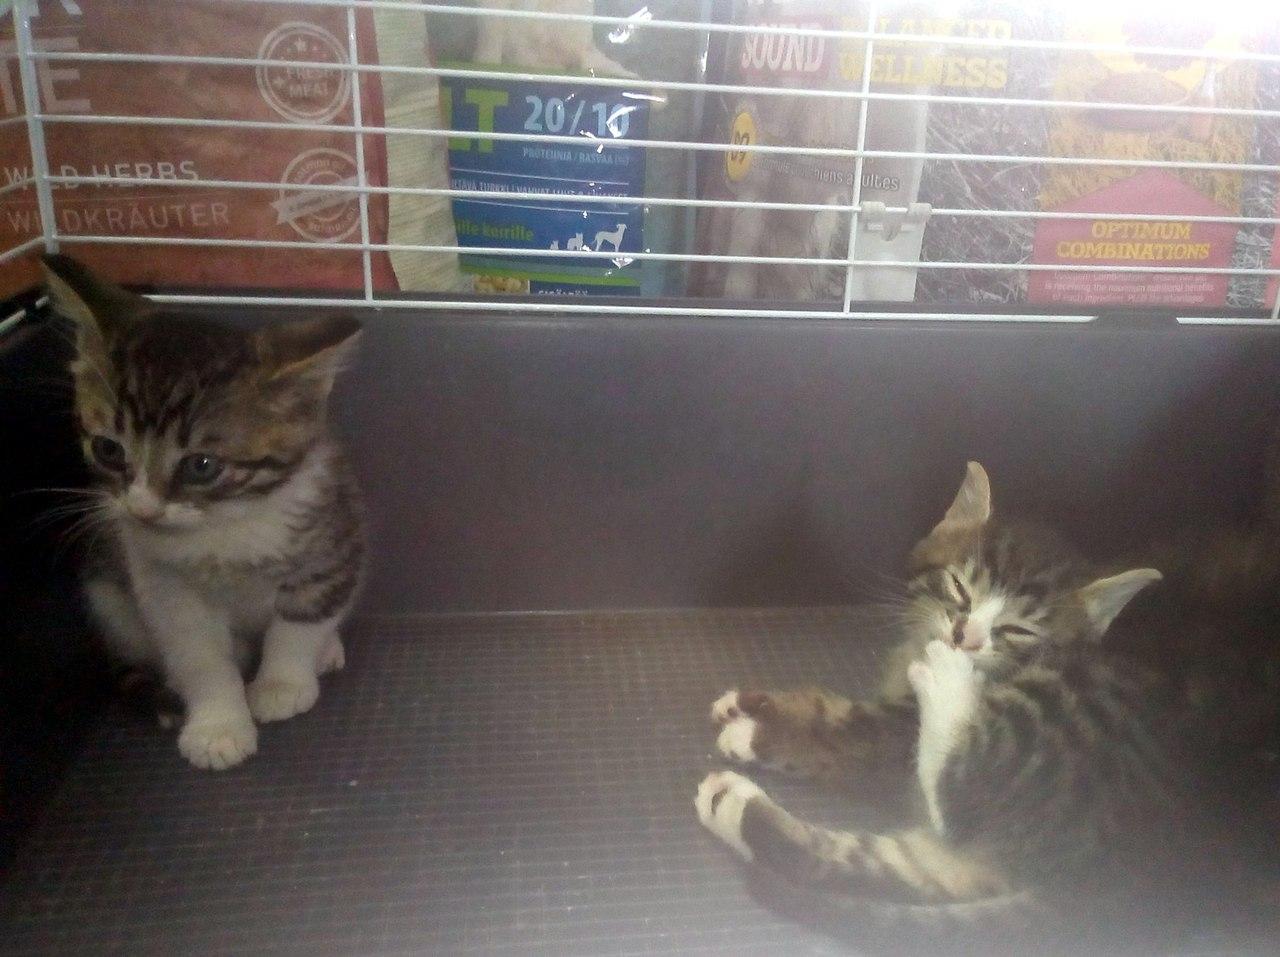 Жители Петербурга! Ищут дом милые котята! Их приютили в зоомагазине, но долго держать не смогут!